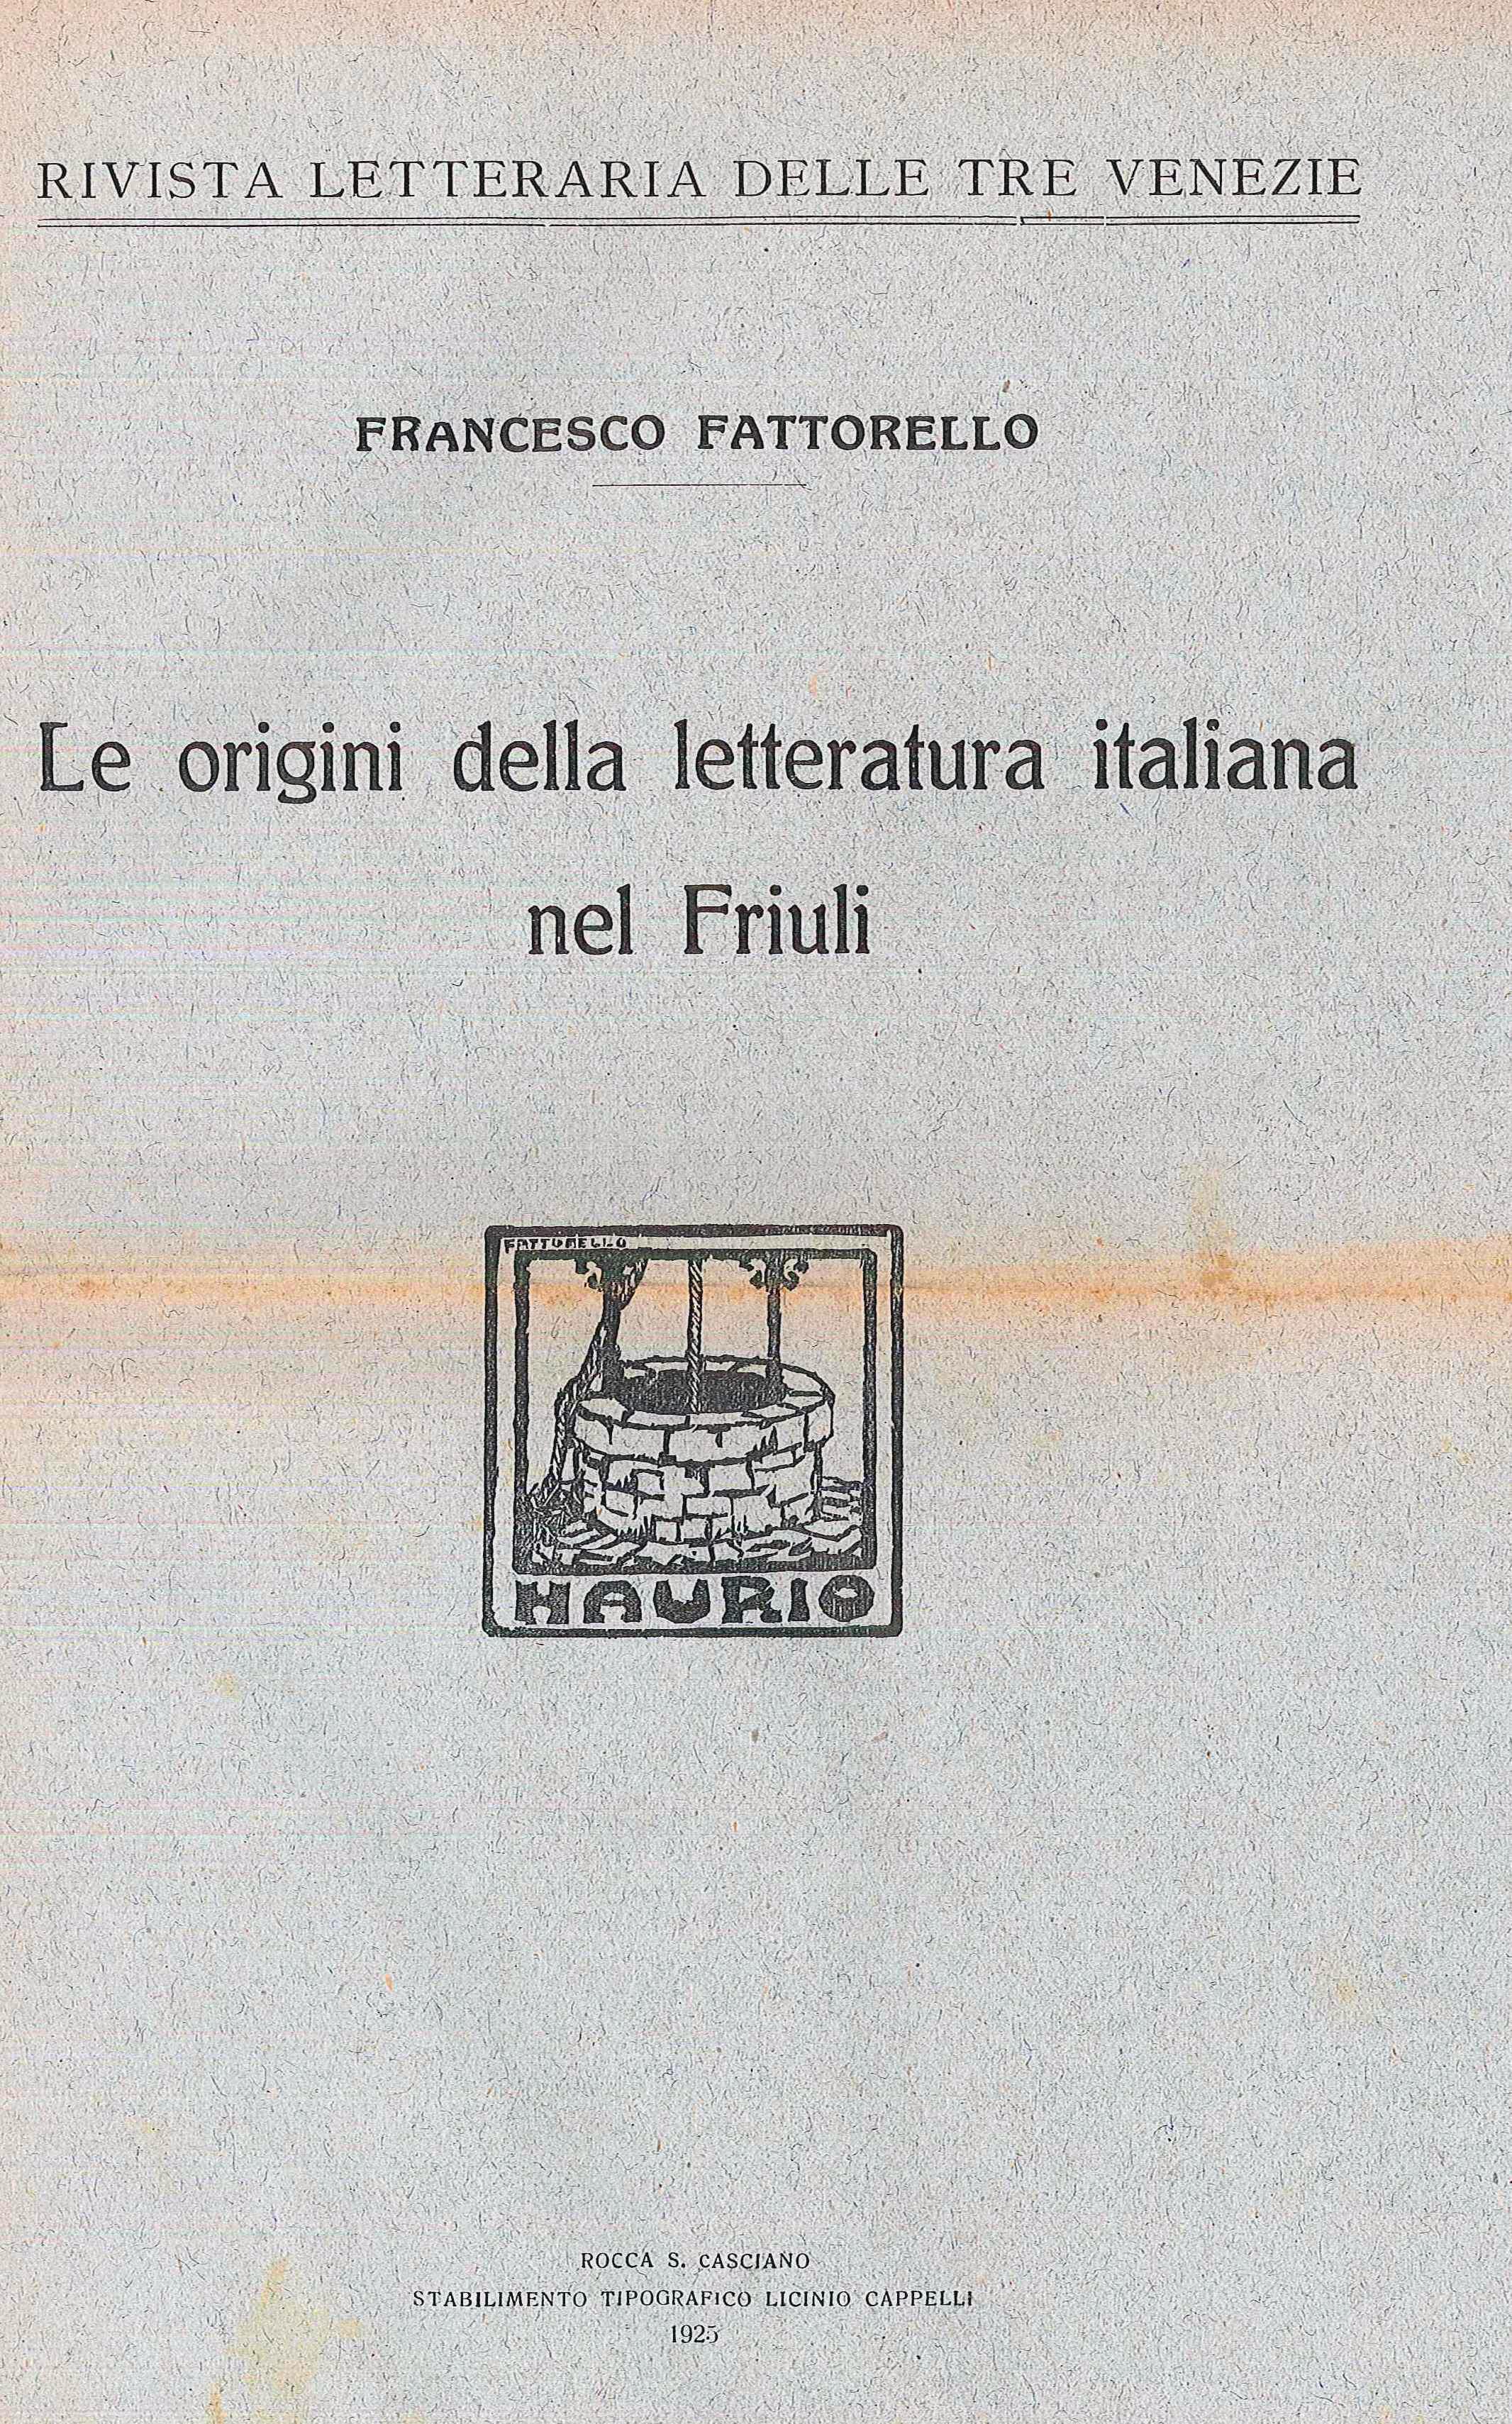 Le origini della letteratura italiana nel Friuli (Stabilimento tipografico Licinio Cappelli - Rocca S. Casciano 1925)